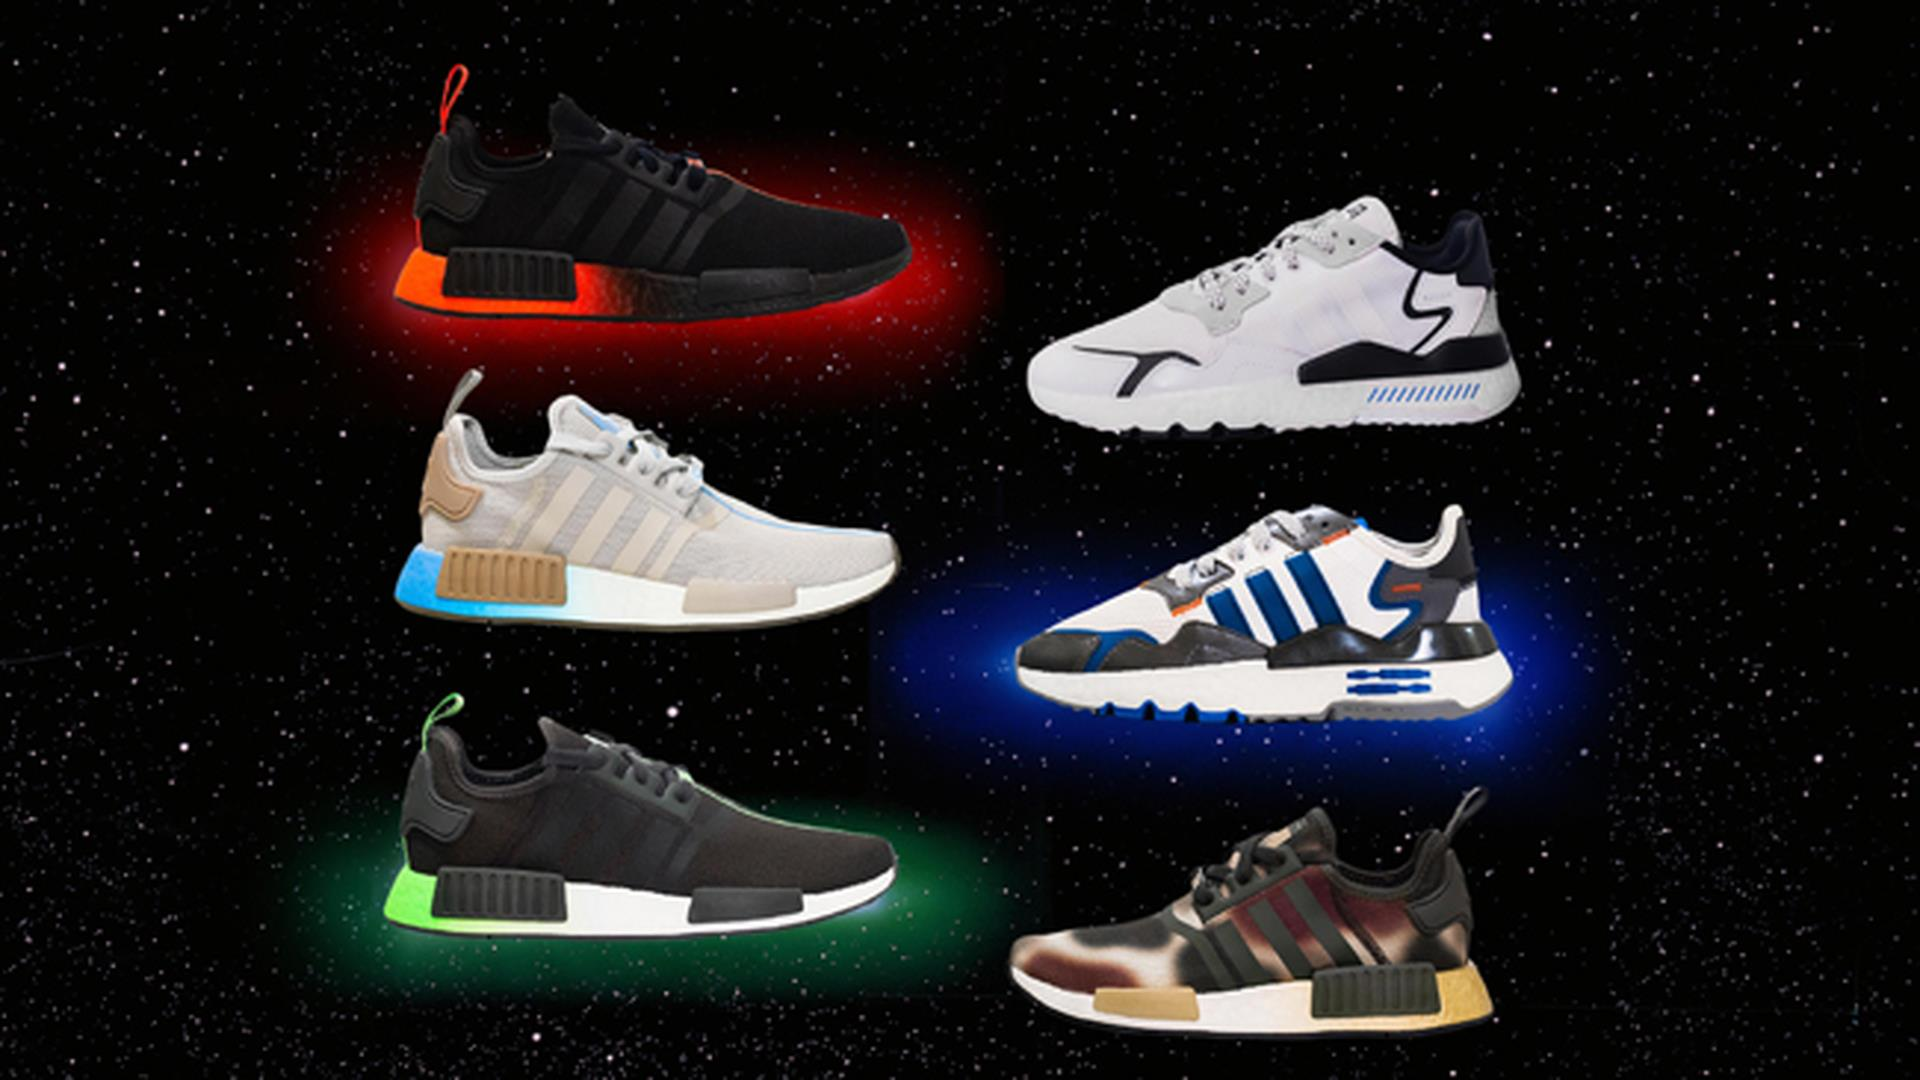 Fantascienza Adidas: meno di 6 mesi per portare una scarpa